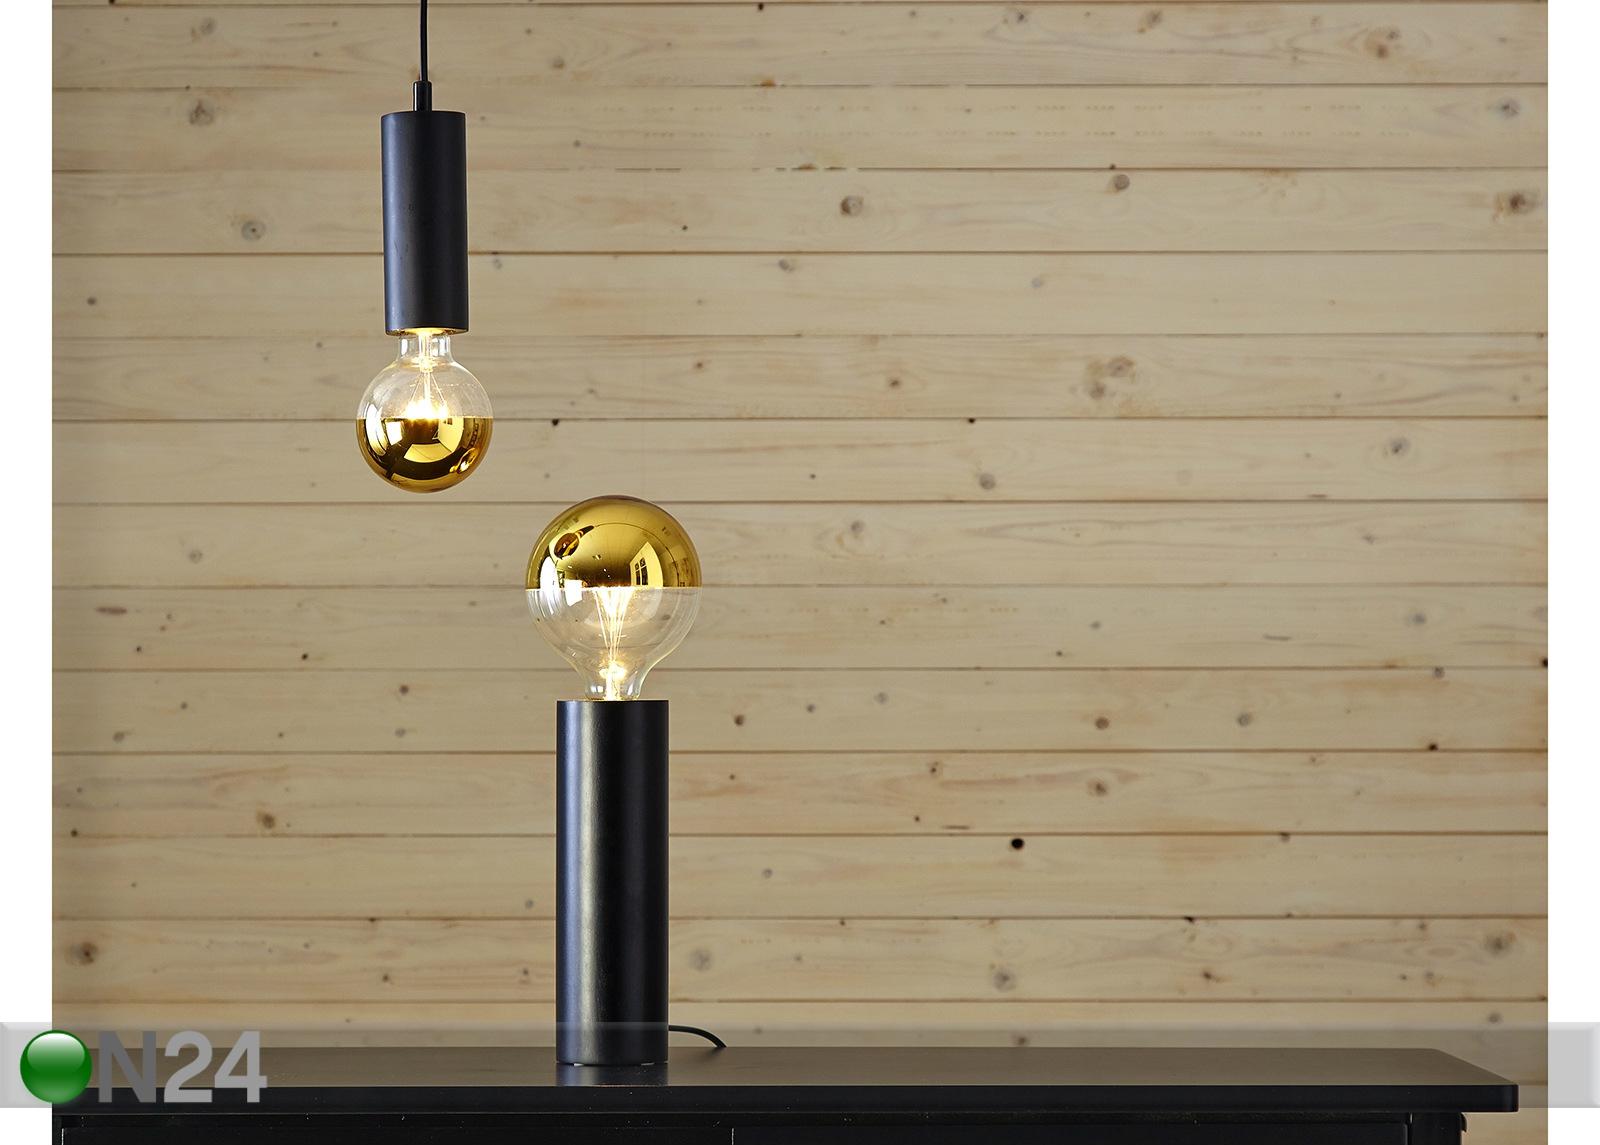 adb2b205316 Dekoratiivne LED pirn E27 4 W AA-152805 - ON24 Sisustuskaubamaja